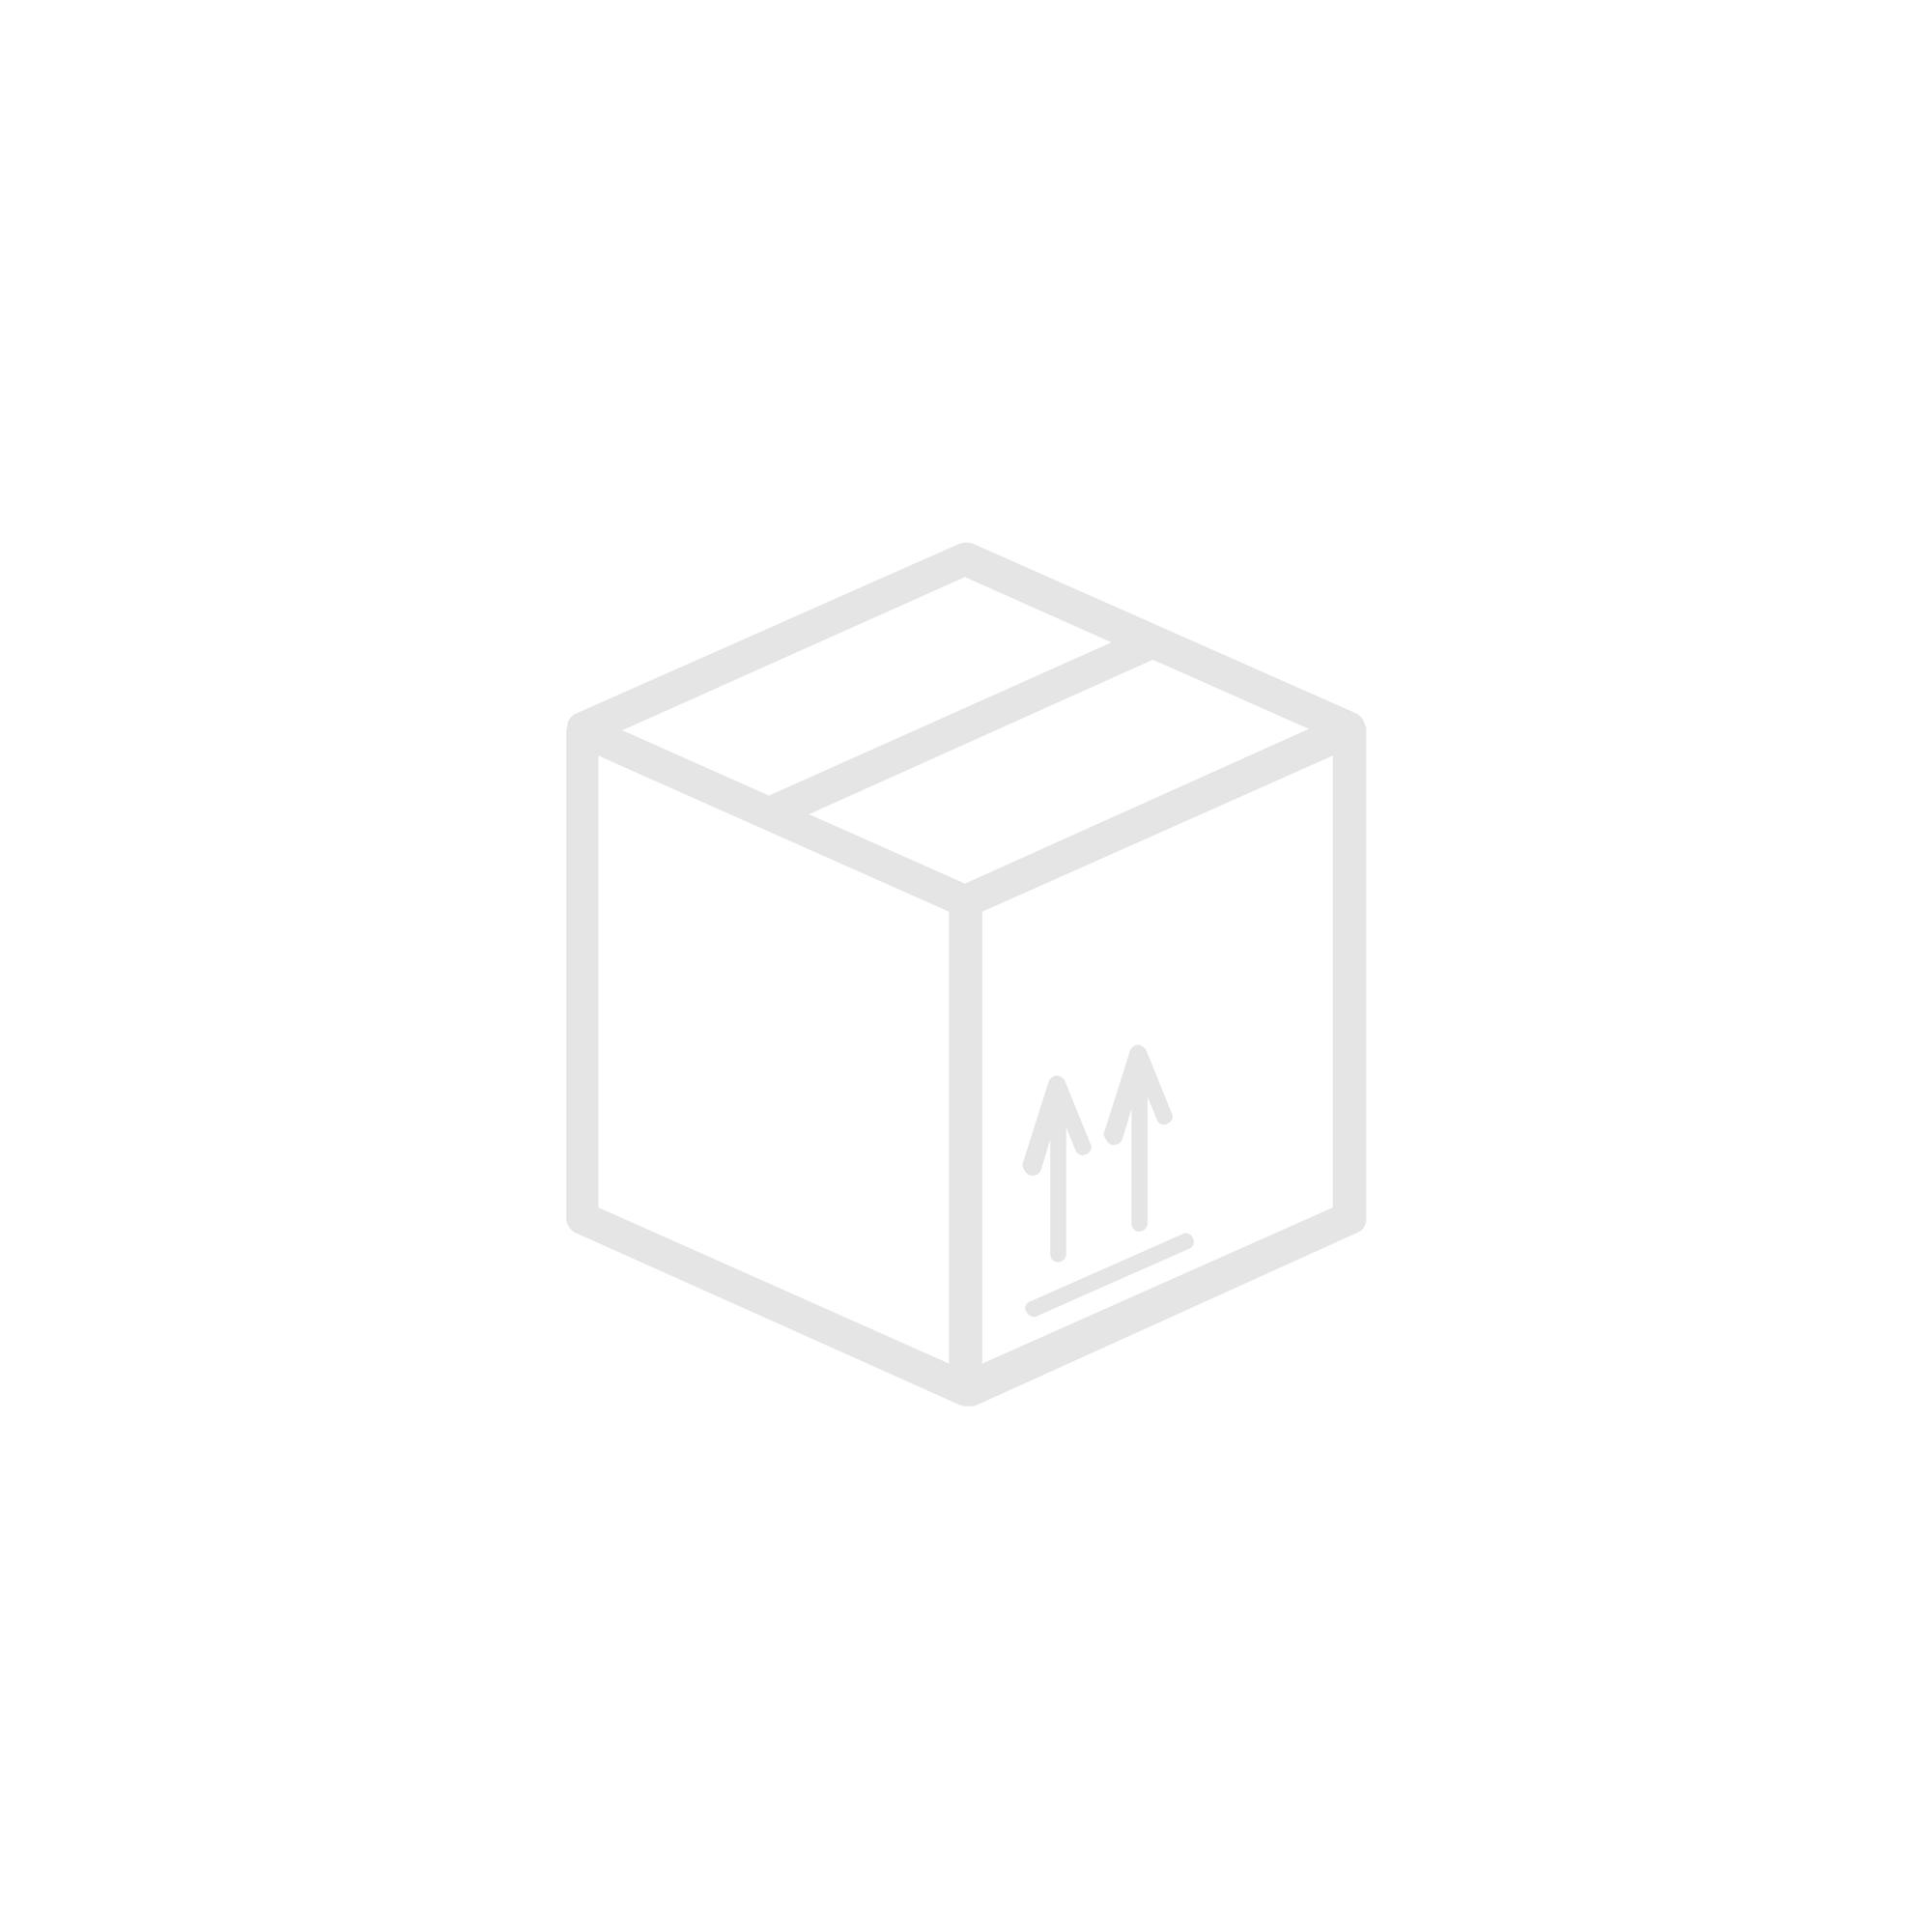 OEZ Skříň RZG-Z-2T28 pod omítku,průhledné dveře IP40